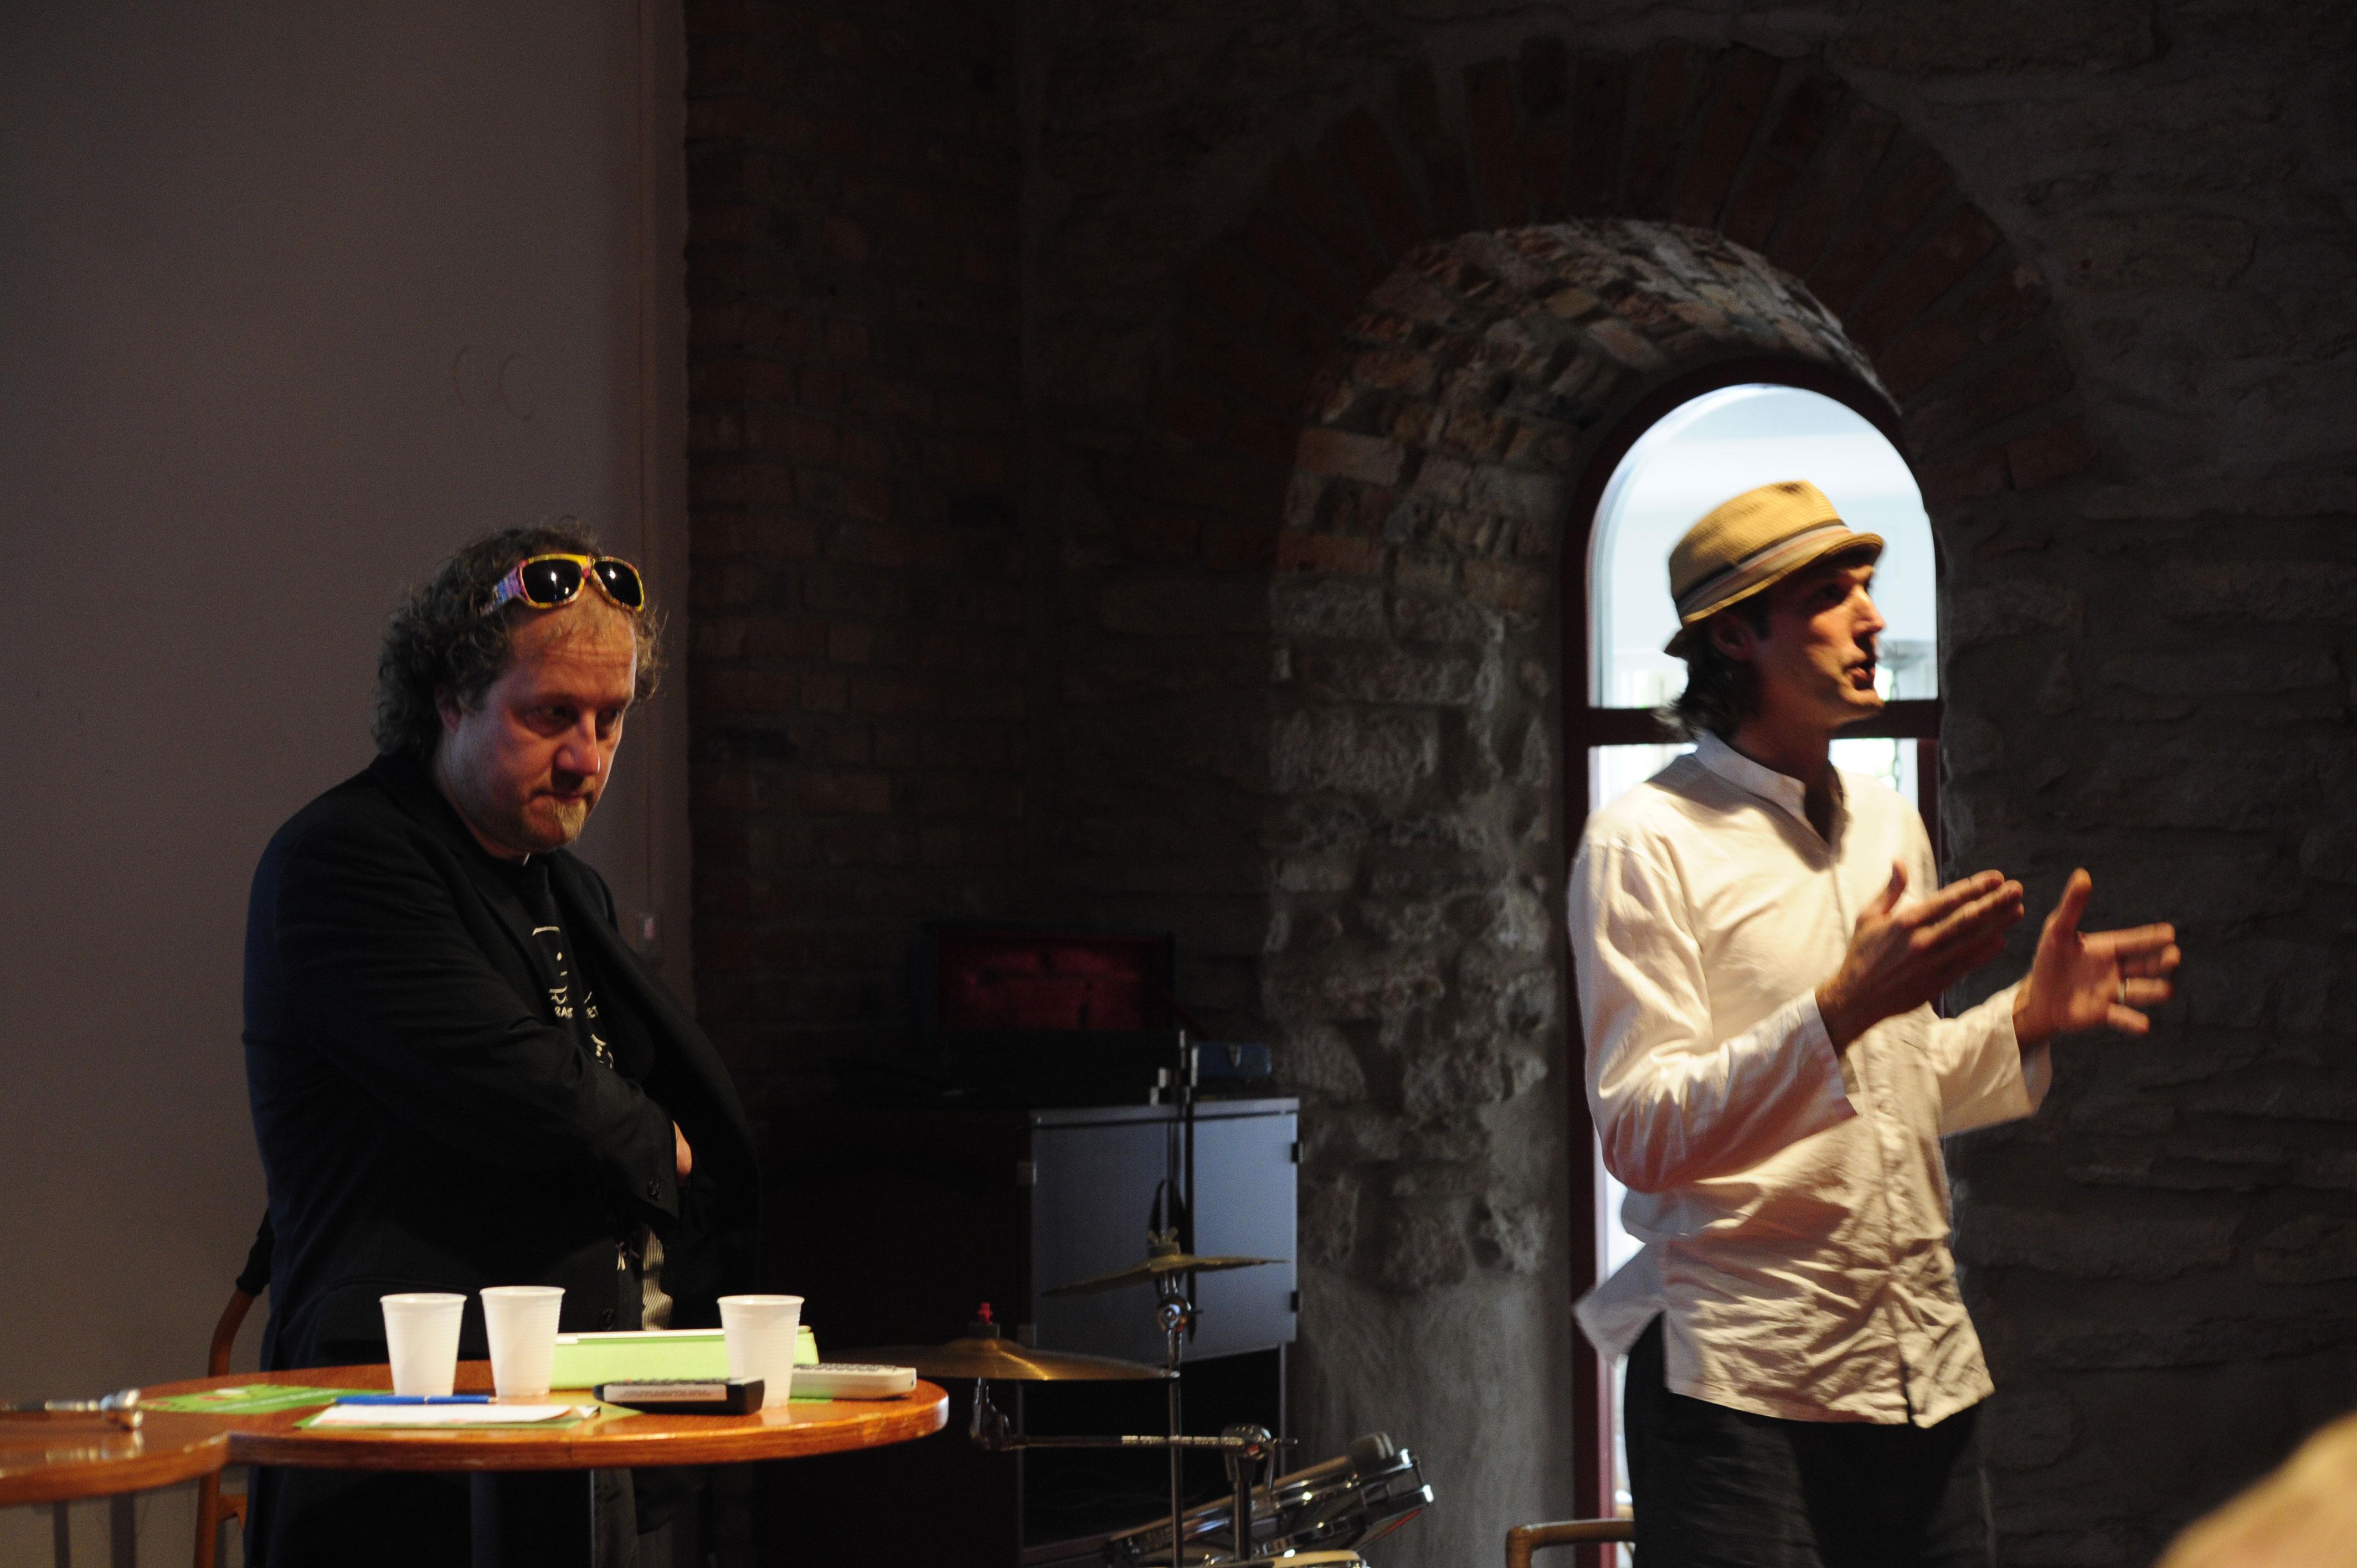 Johans E Andersson leder musikworkshop